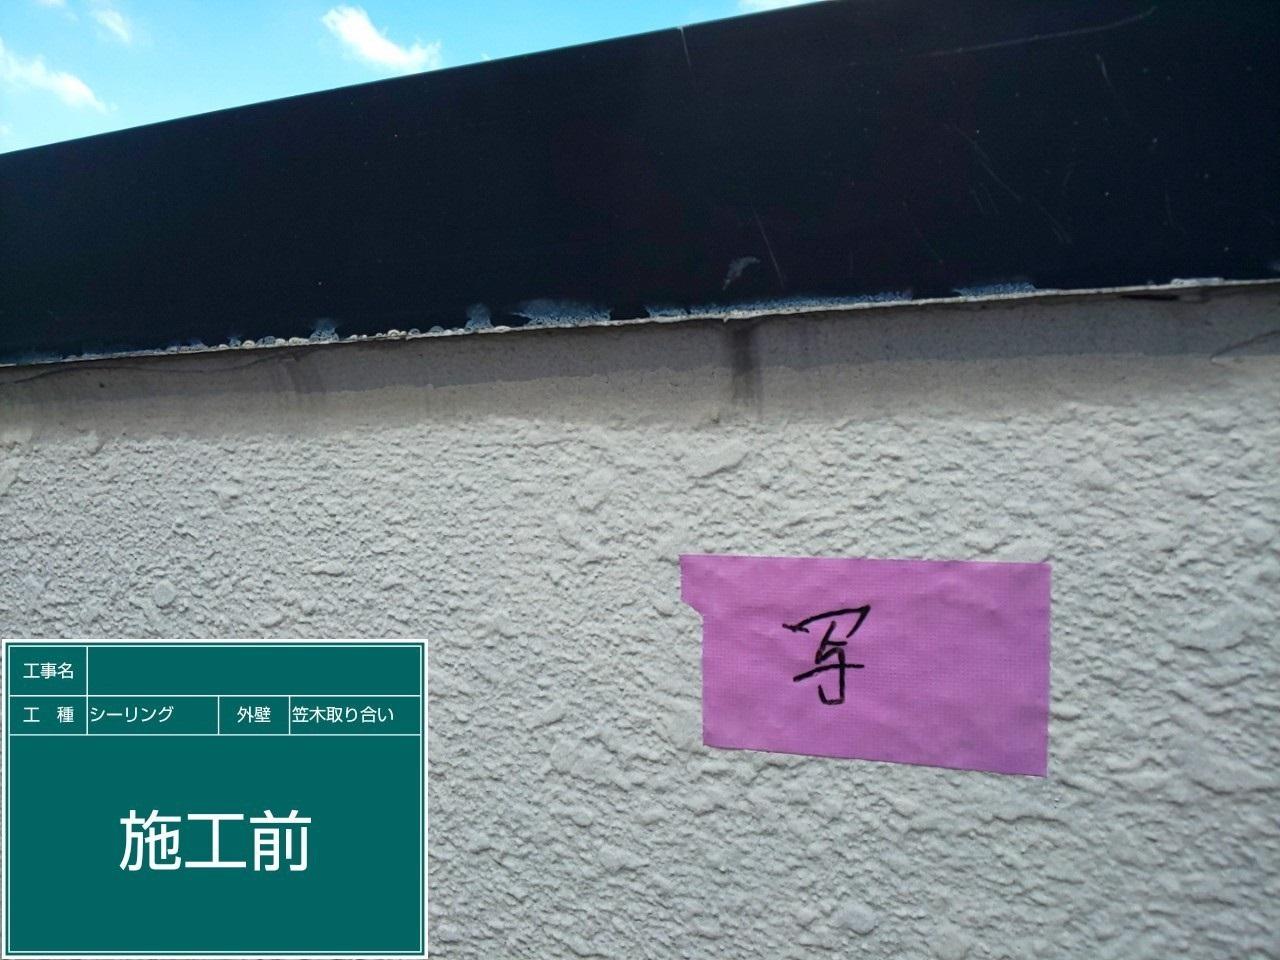 【笠木取り合い部】①施工前